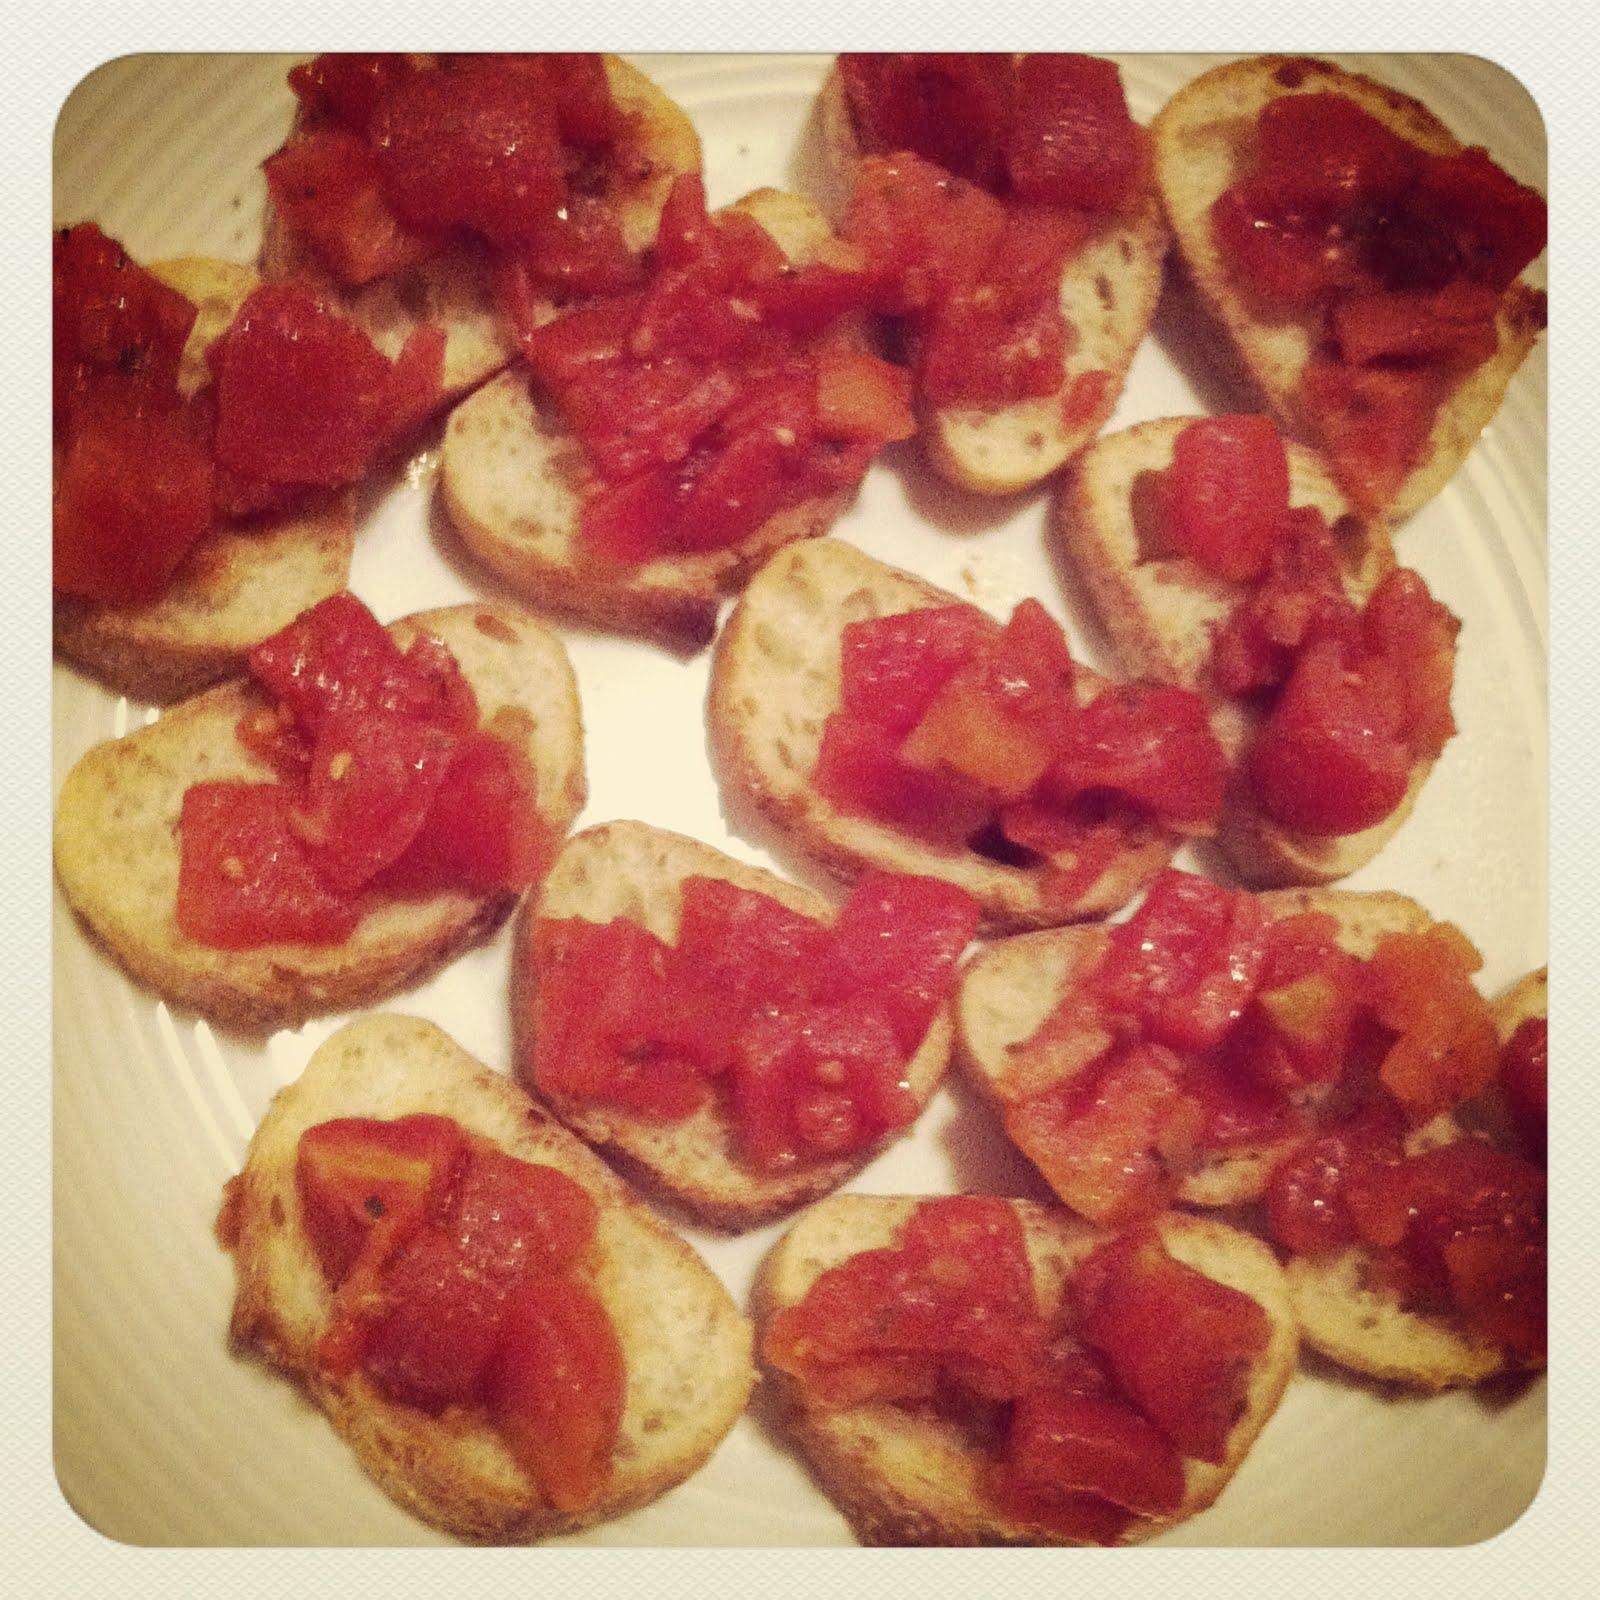 http://1.bp.blogspot.com/-kGG-7KBub4Q/Tvu7JBTv6BI/AAAAAAAAWfs/nsPQYRCG-1w/s1600/Red%2BPack%2BTomatoes.JPG